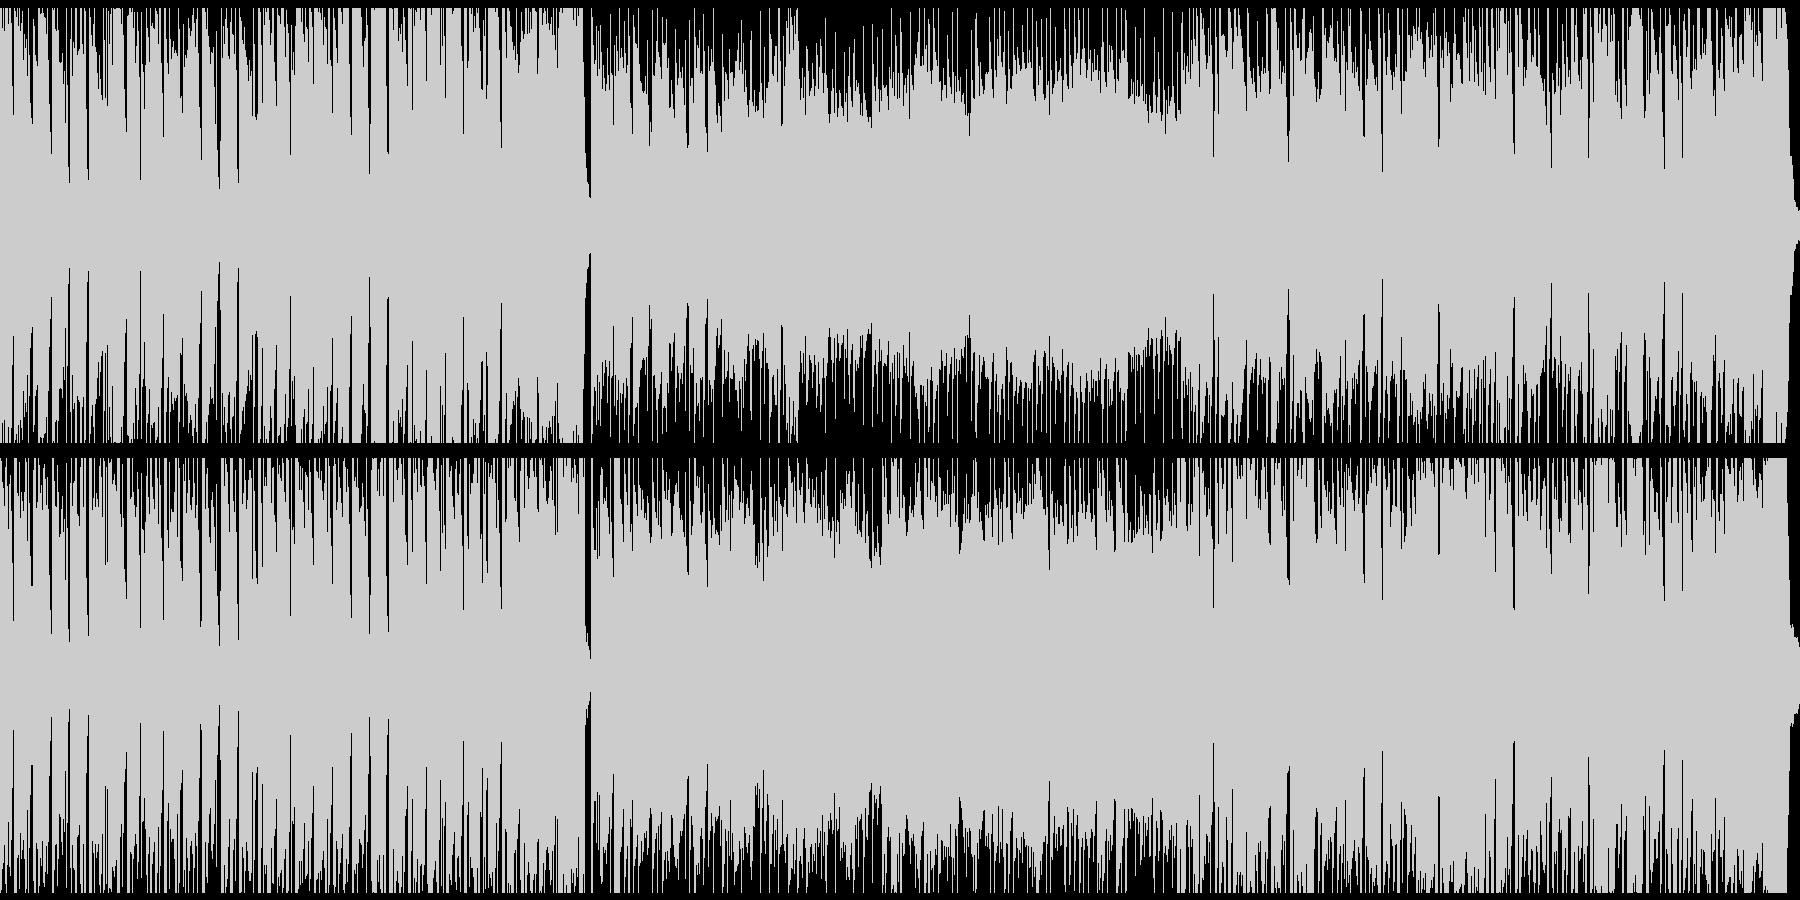 リコーダーを用いた楽しい雰囲気のBGMの未再生の波形